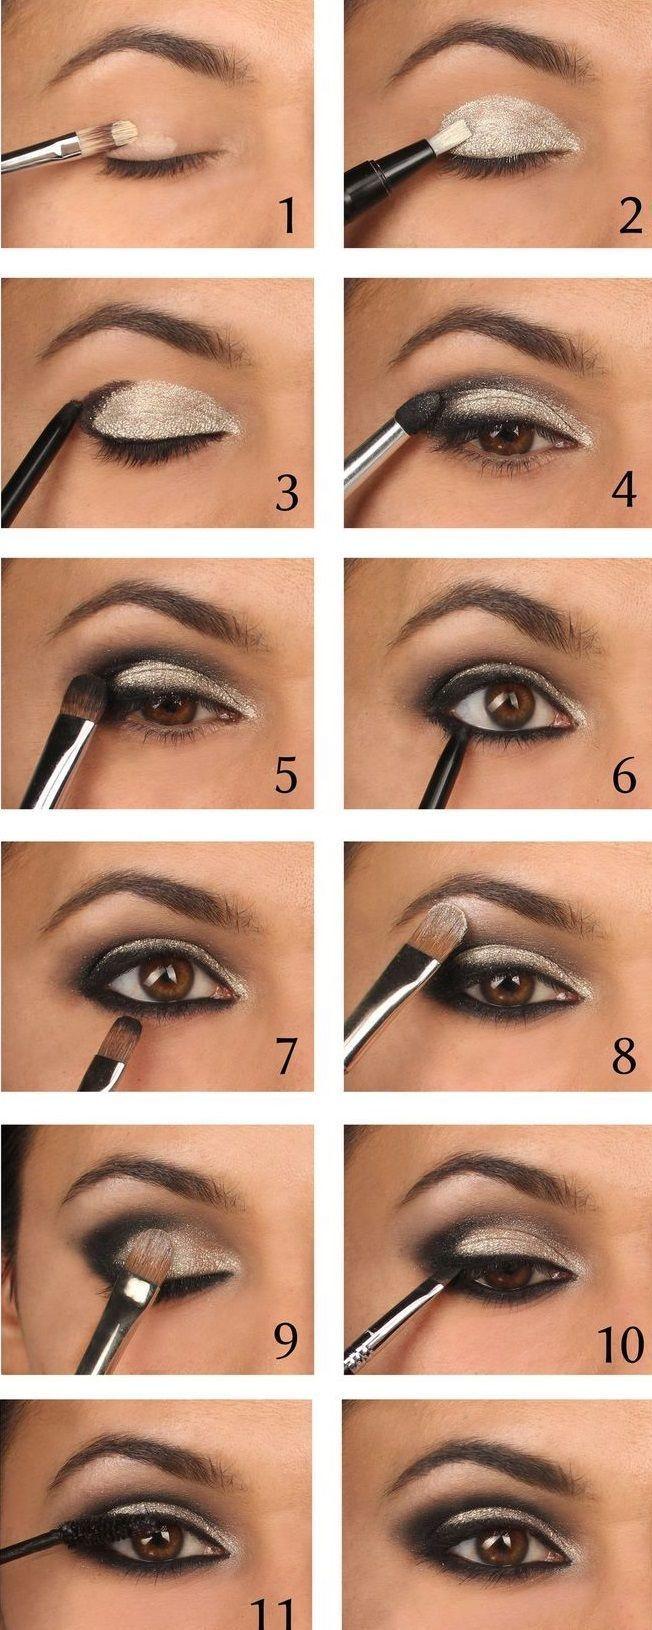 15 Einfache Schritt-für-Schritt-Make-up-Tutorials für Anfänger # Beauty